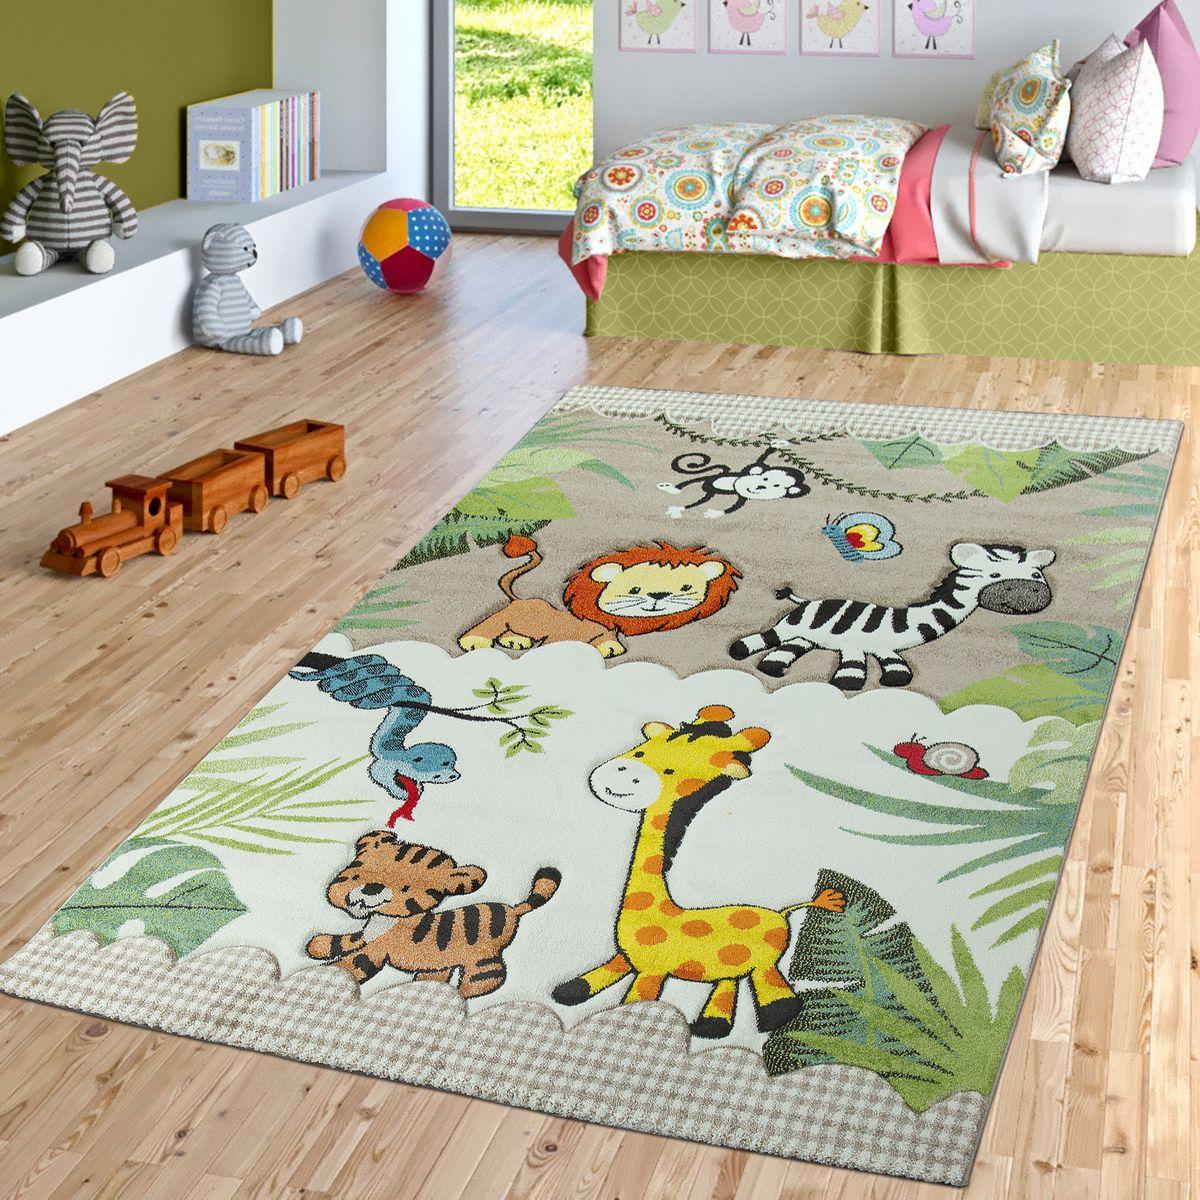 Full Size of Schne Teppiche Fr Das Kinderzimmer Mummyandminicom Regal Wohnzimmer Weiß Regale Sofa Kinderzimmer Teppiche Kinderzimmer